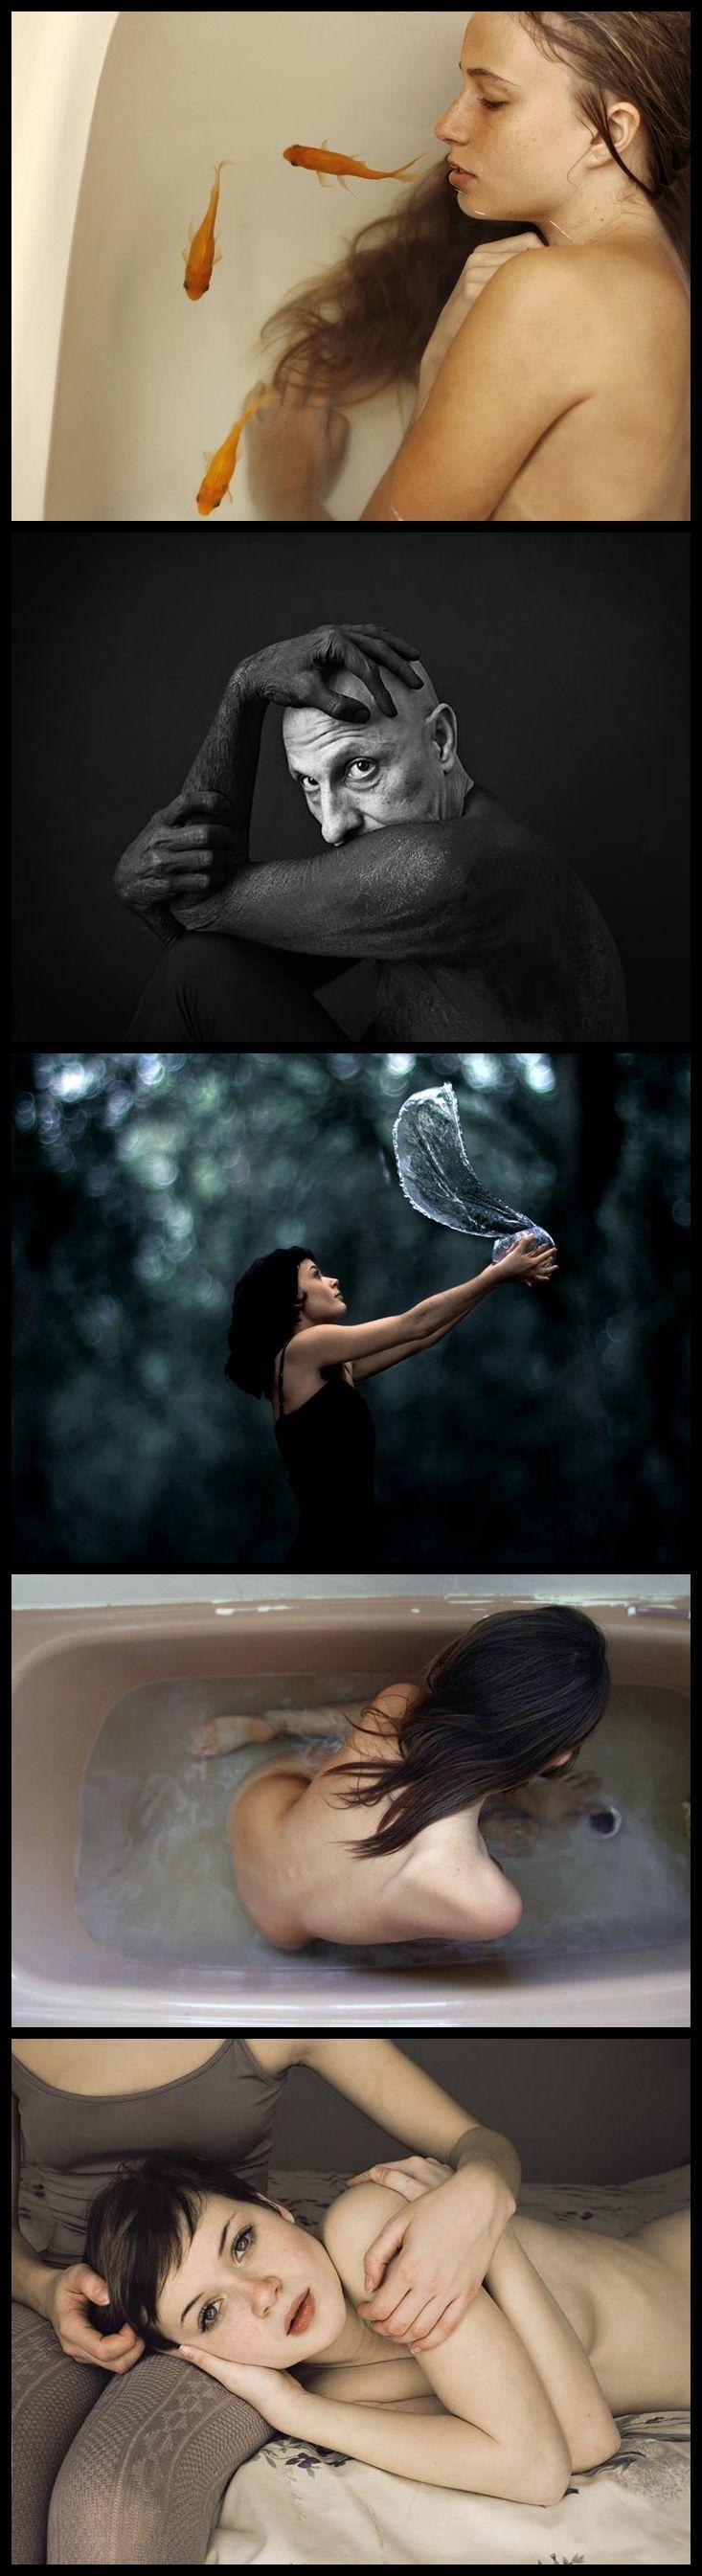 BERTA VICENTE La joven barcelonesa Berta Vicente (nacida en 1994) ha resultado la ganadora de los premios Sony World Photography Awards 2013 en la categoría de talentos emergentes.